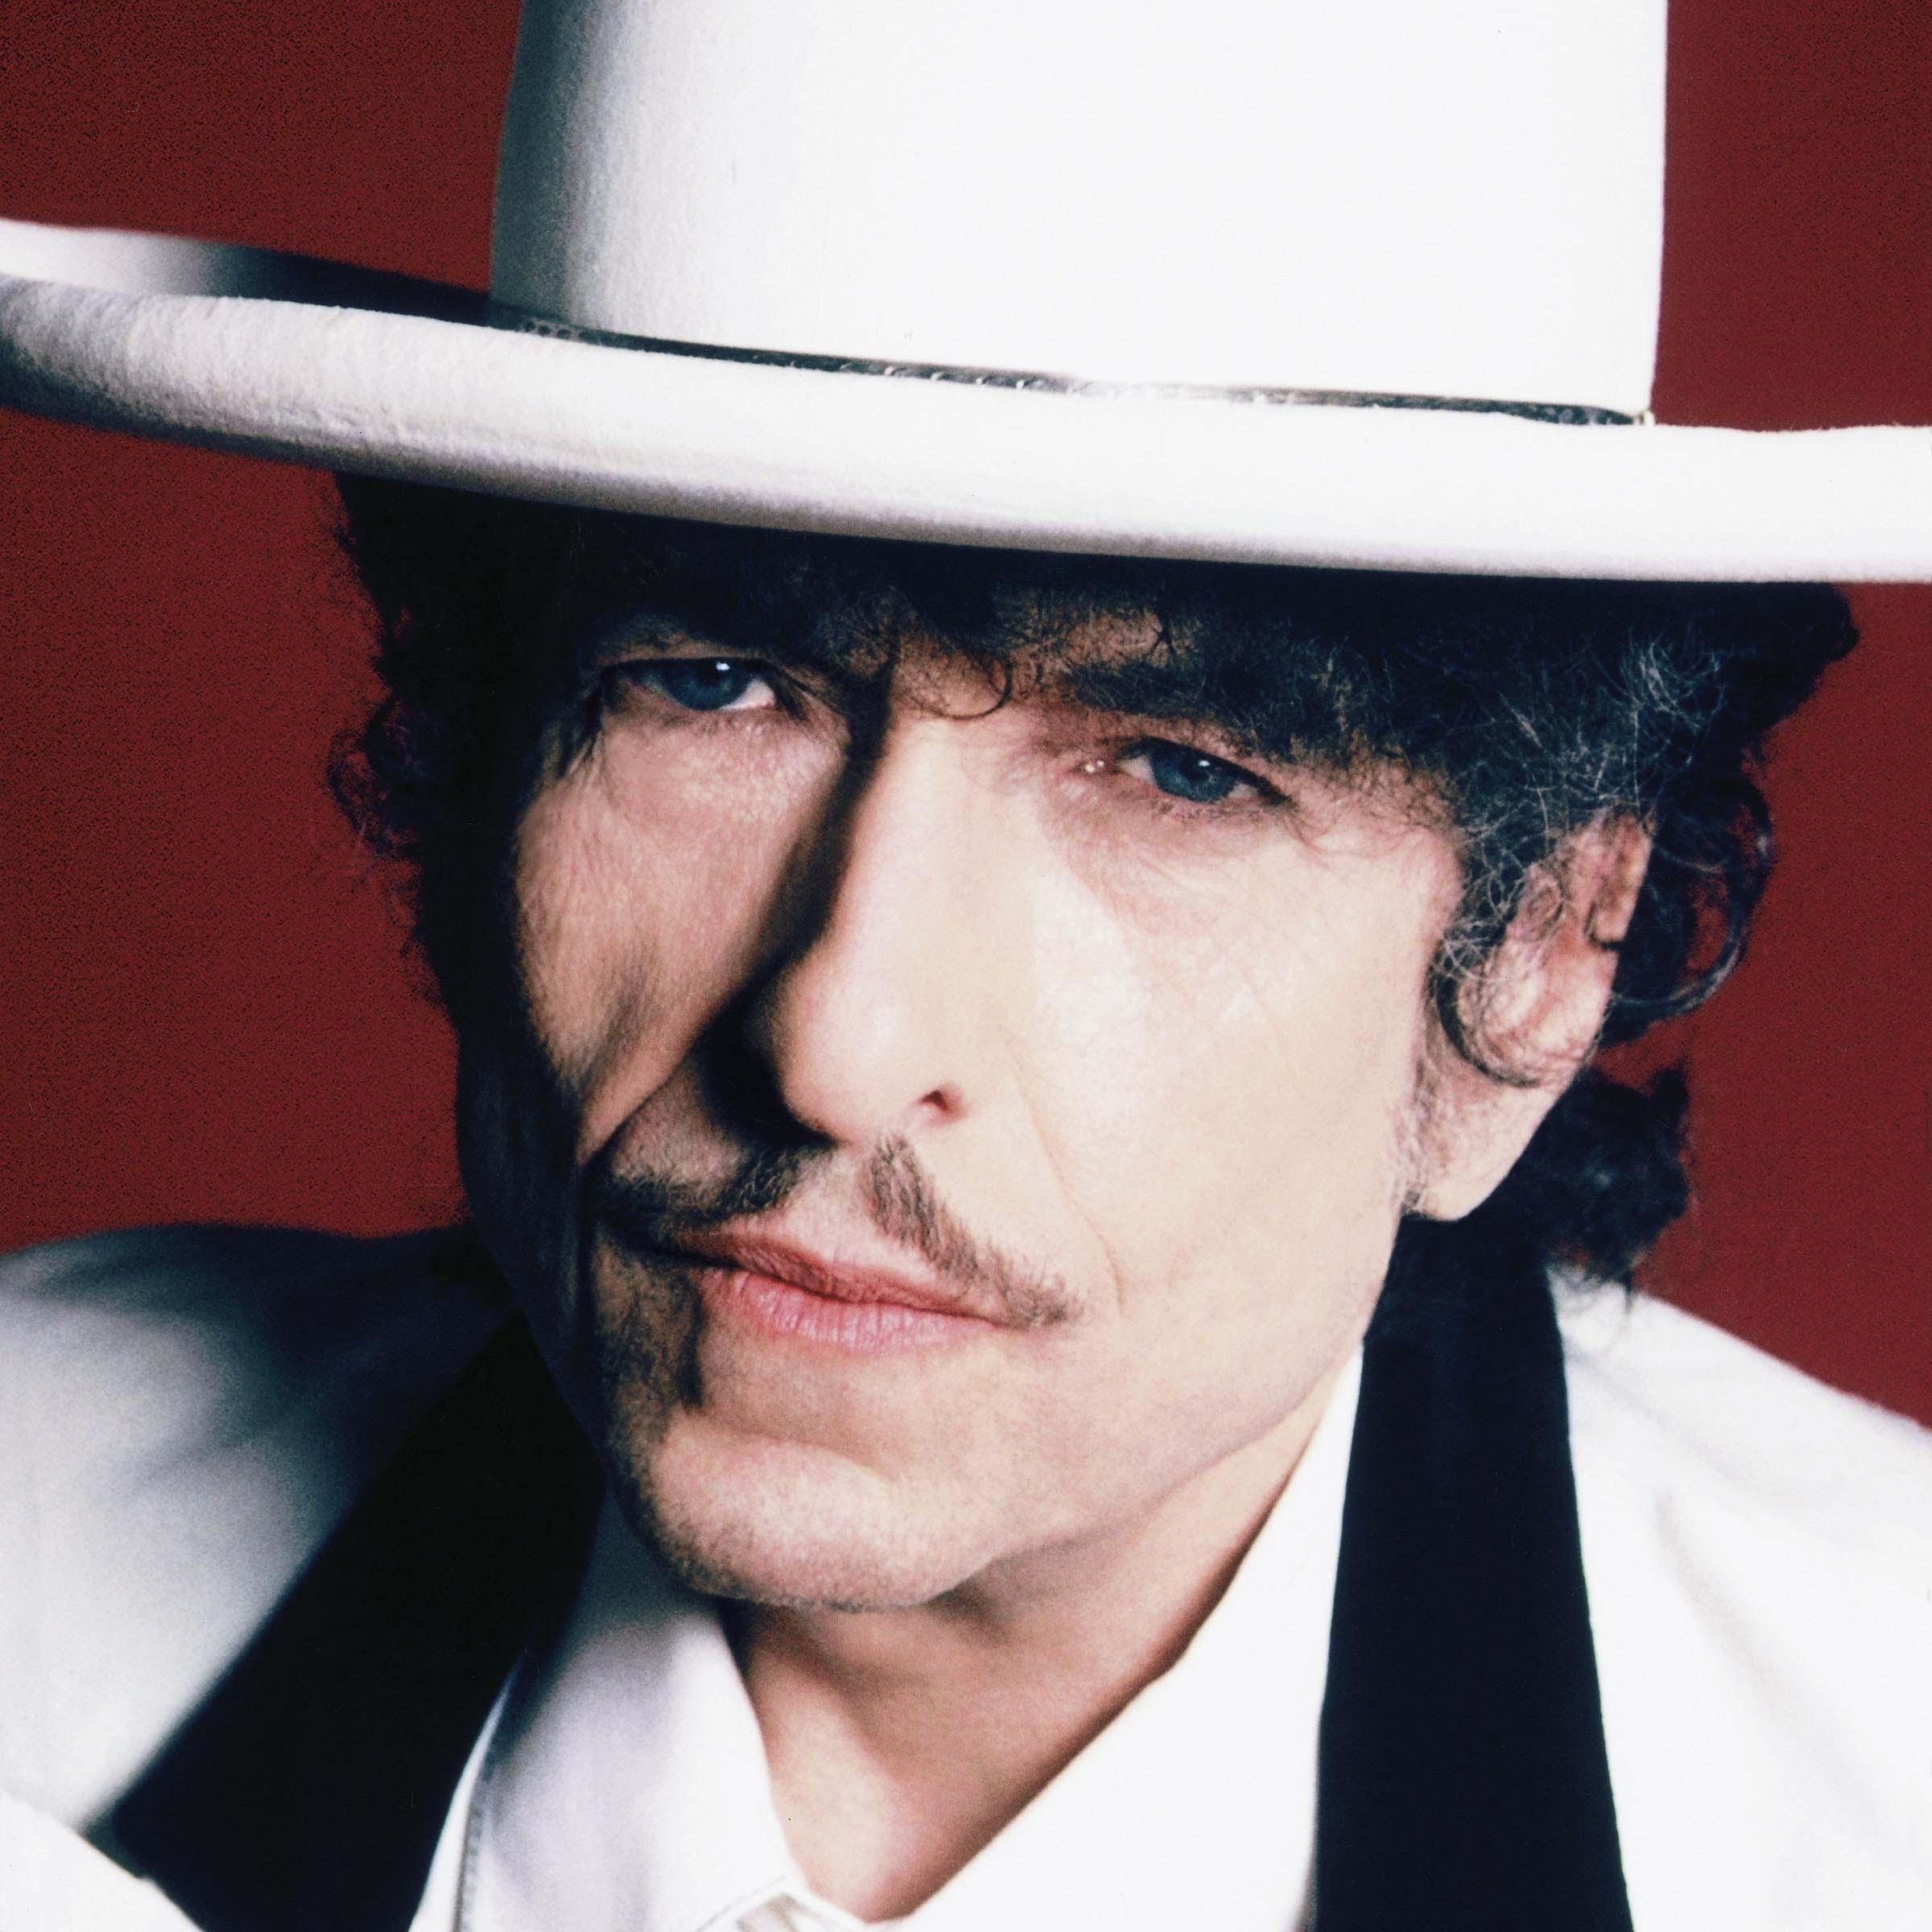 ... 2845-14430I2178.jpg (400 KB) · Doc Bob Dylan 2015.doc ... a85a93615b